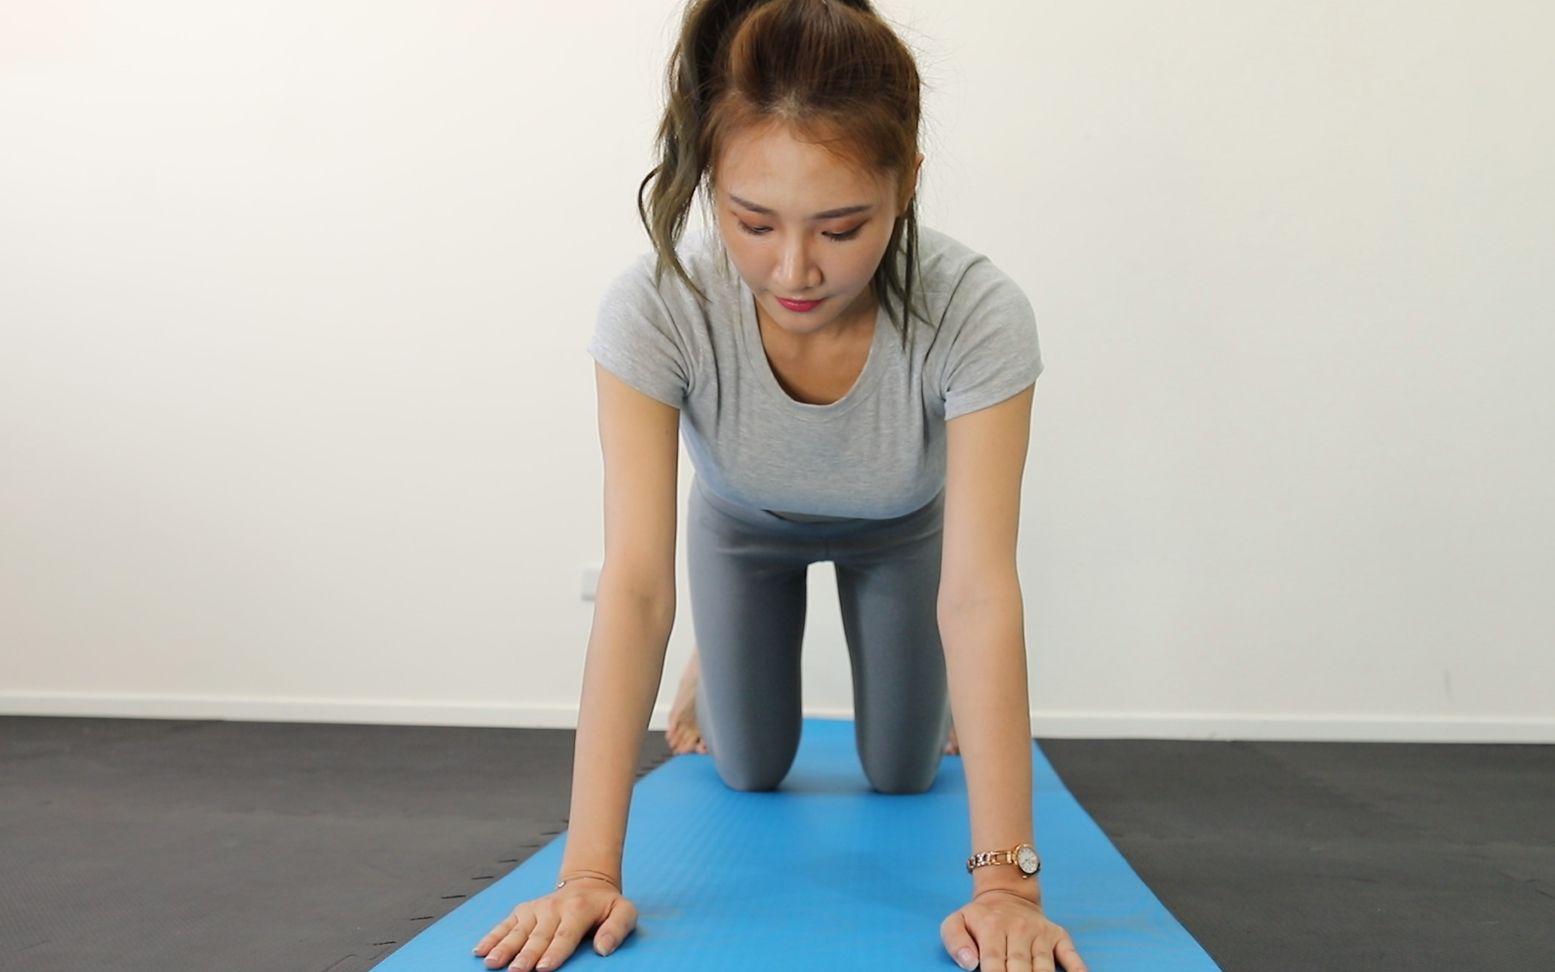 10分钟爆汗腹肌运动,一起挑战减肥吧 (鲜儿)